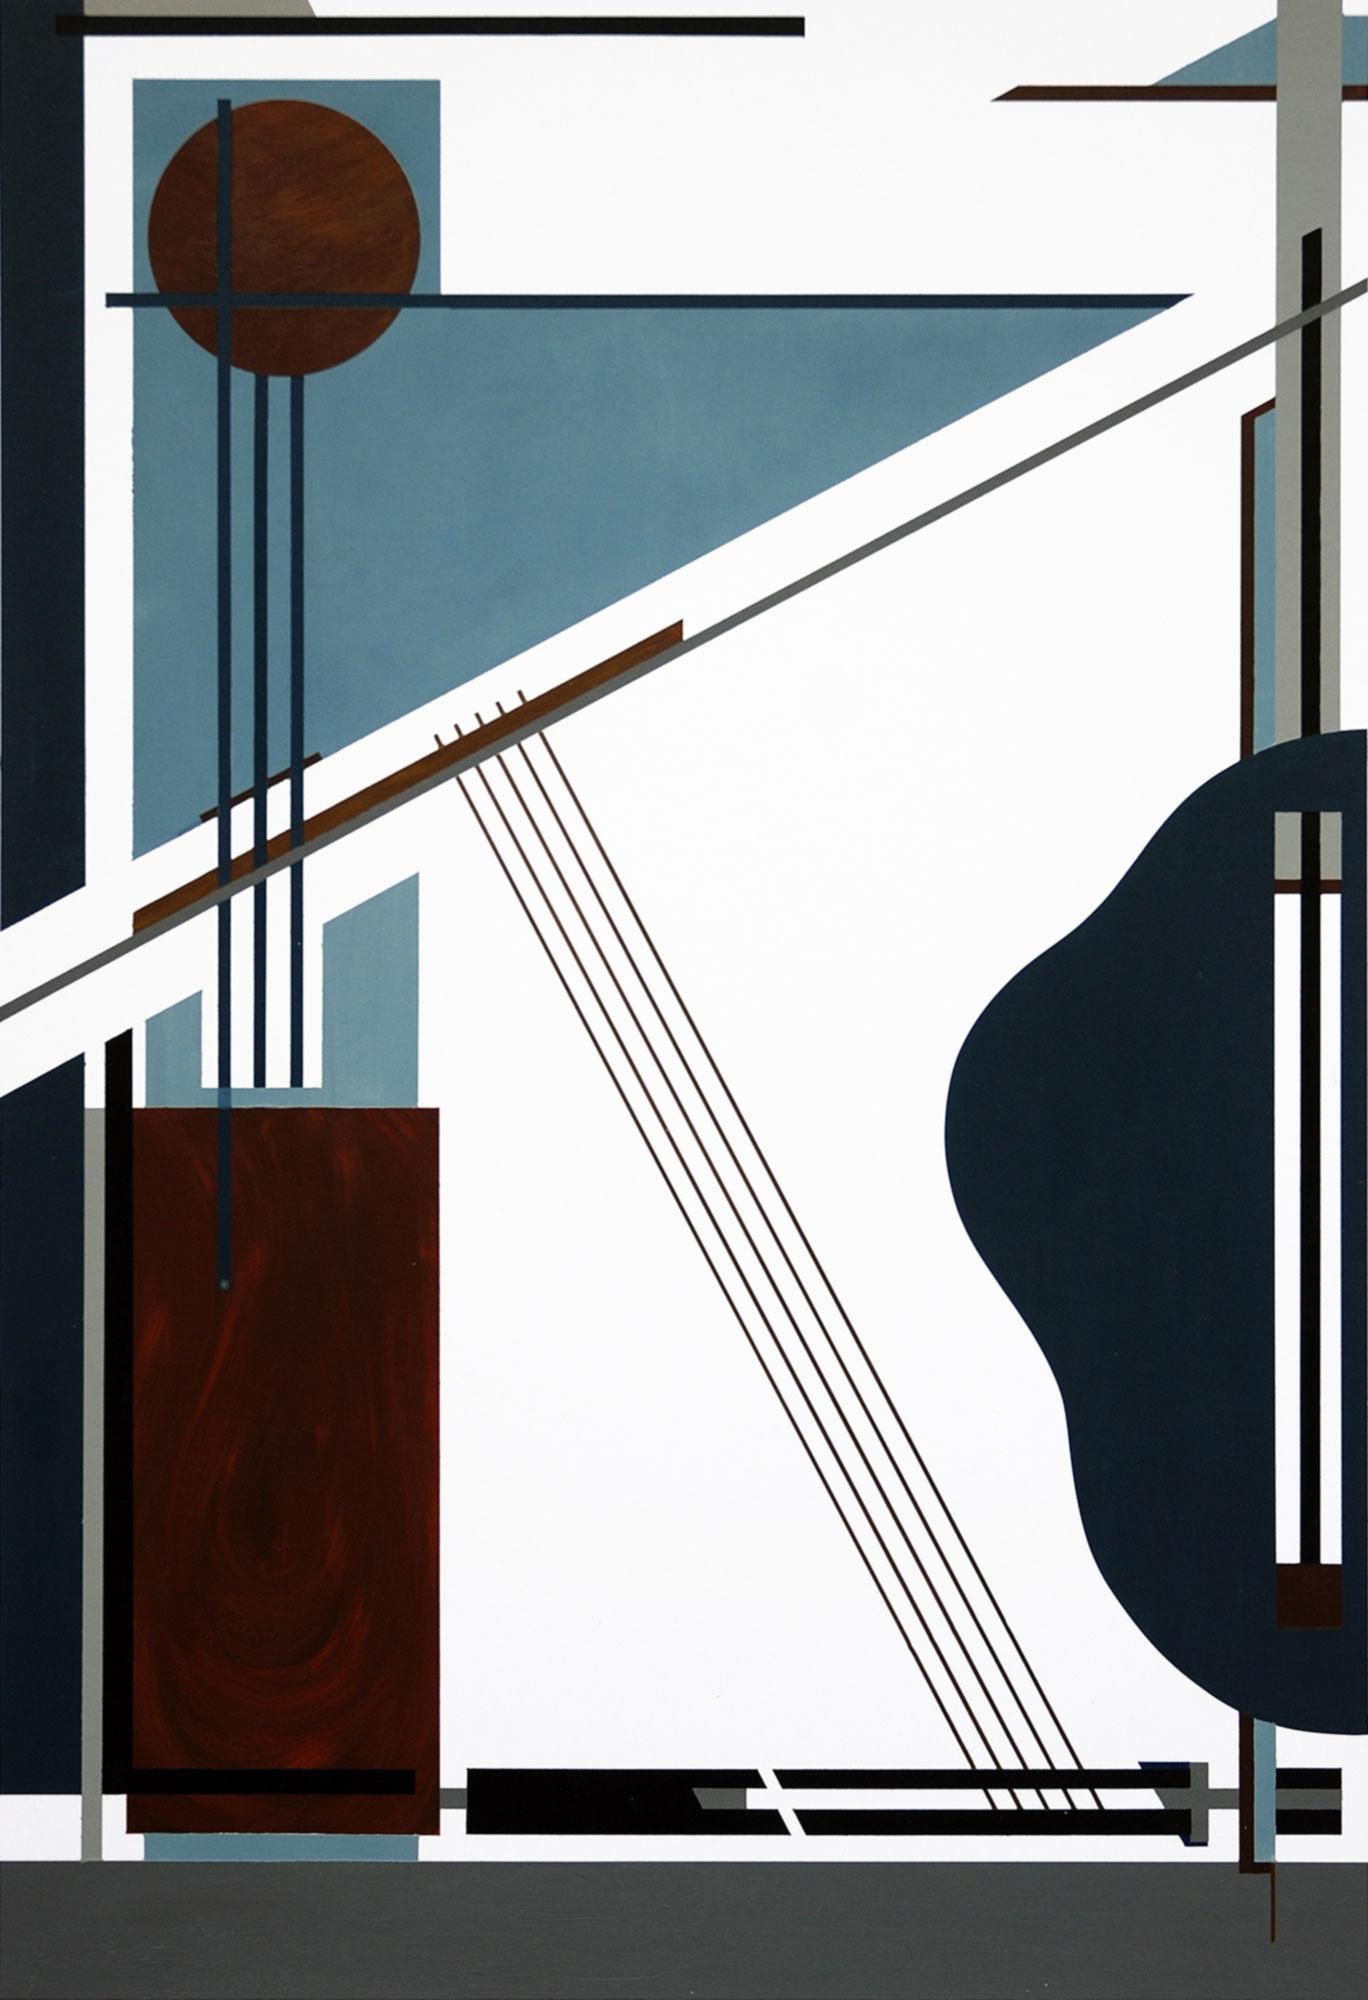 L'instrument, 2011, peinture acrylique sur carton, 40x58 cm